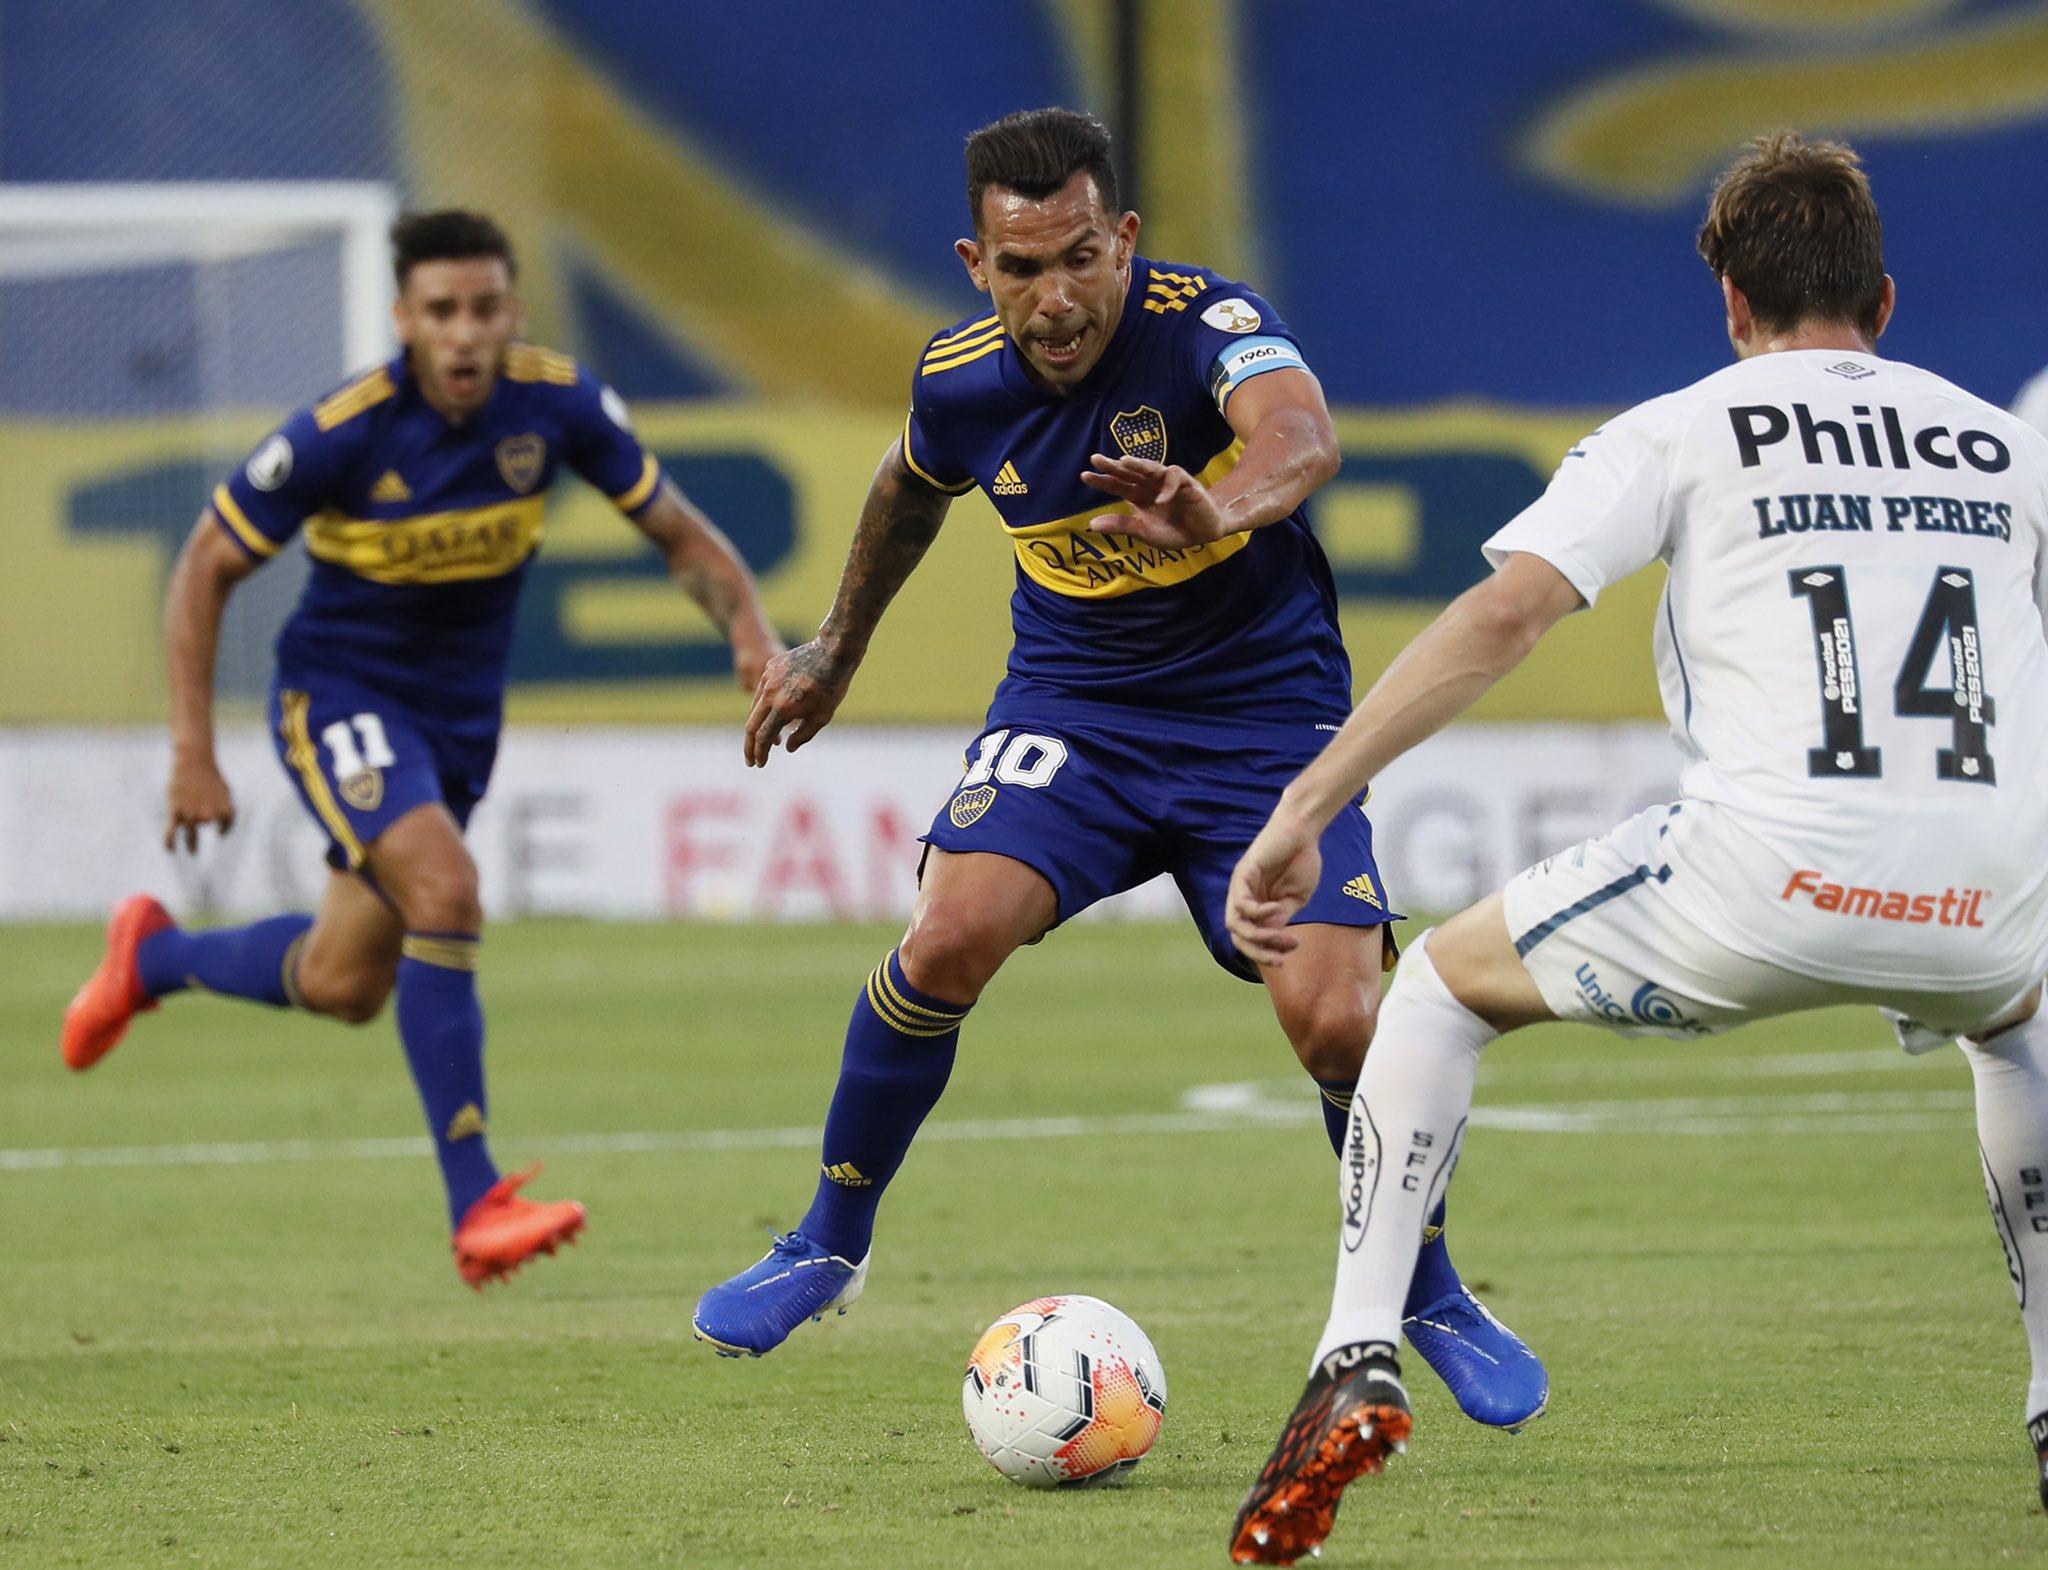 Il Boca spreca l'occasione: col Santos è solo 0-0